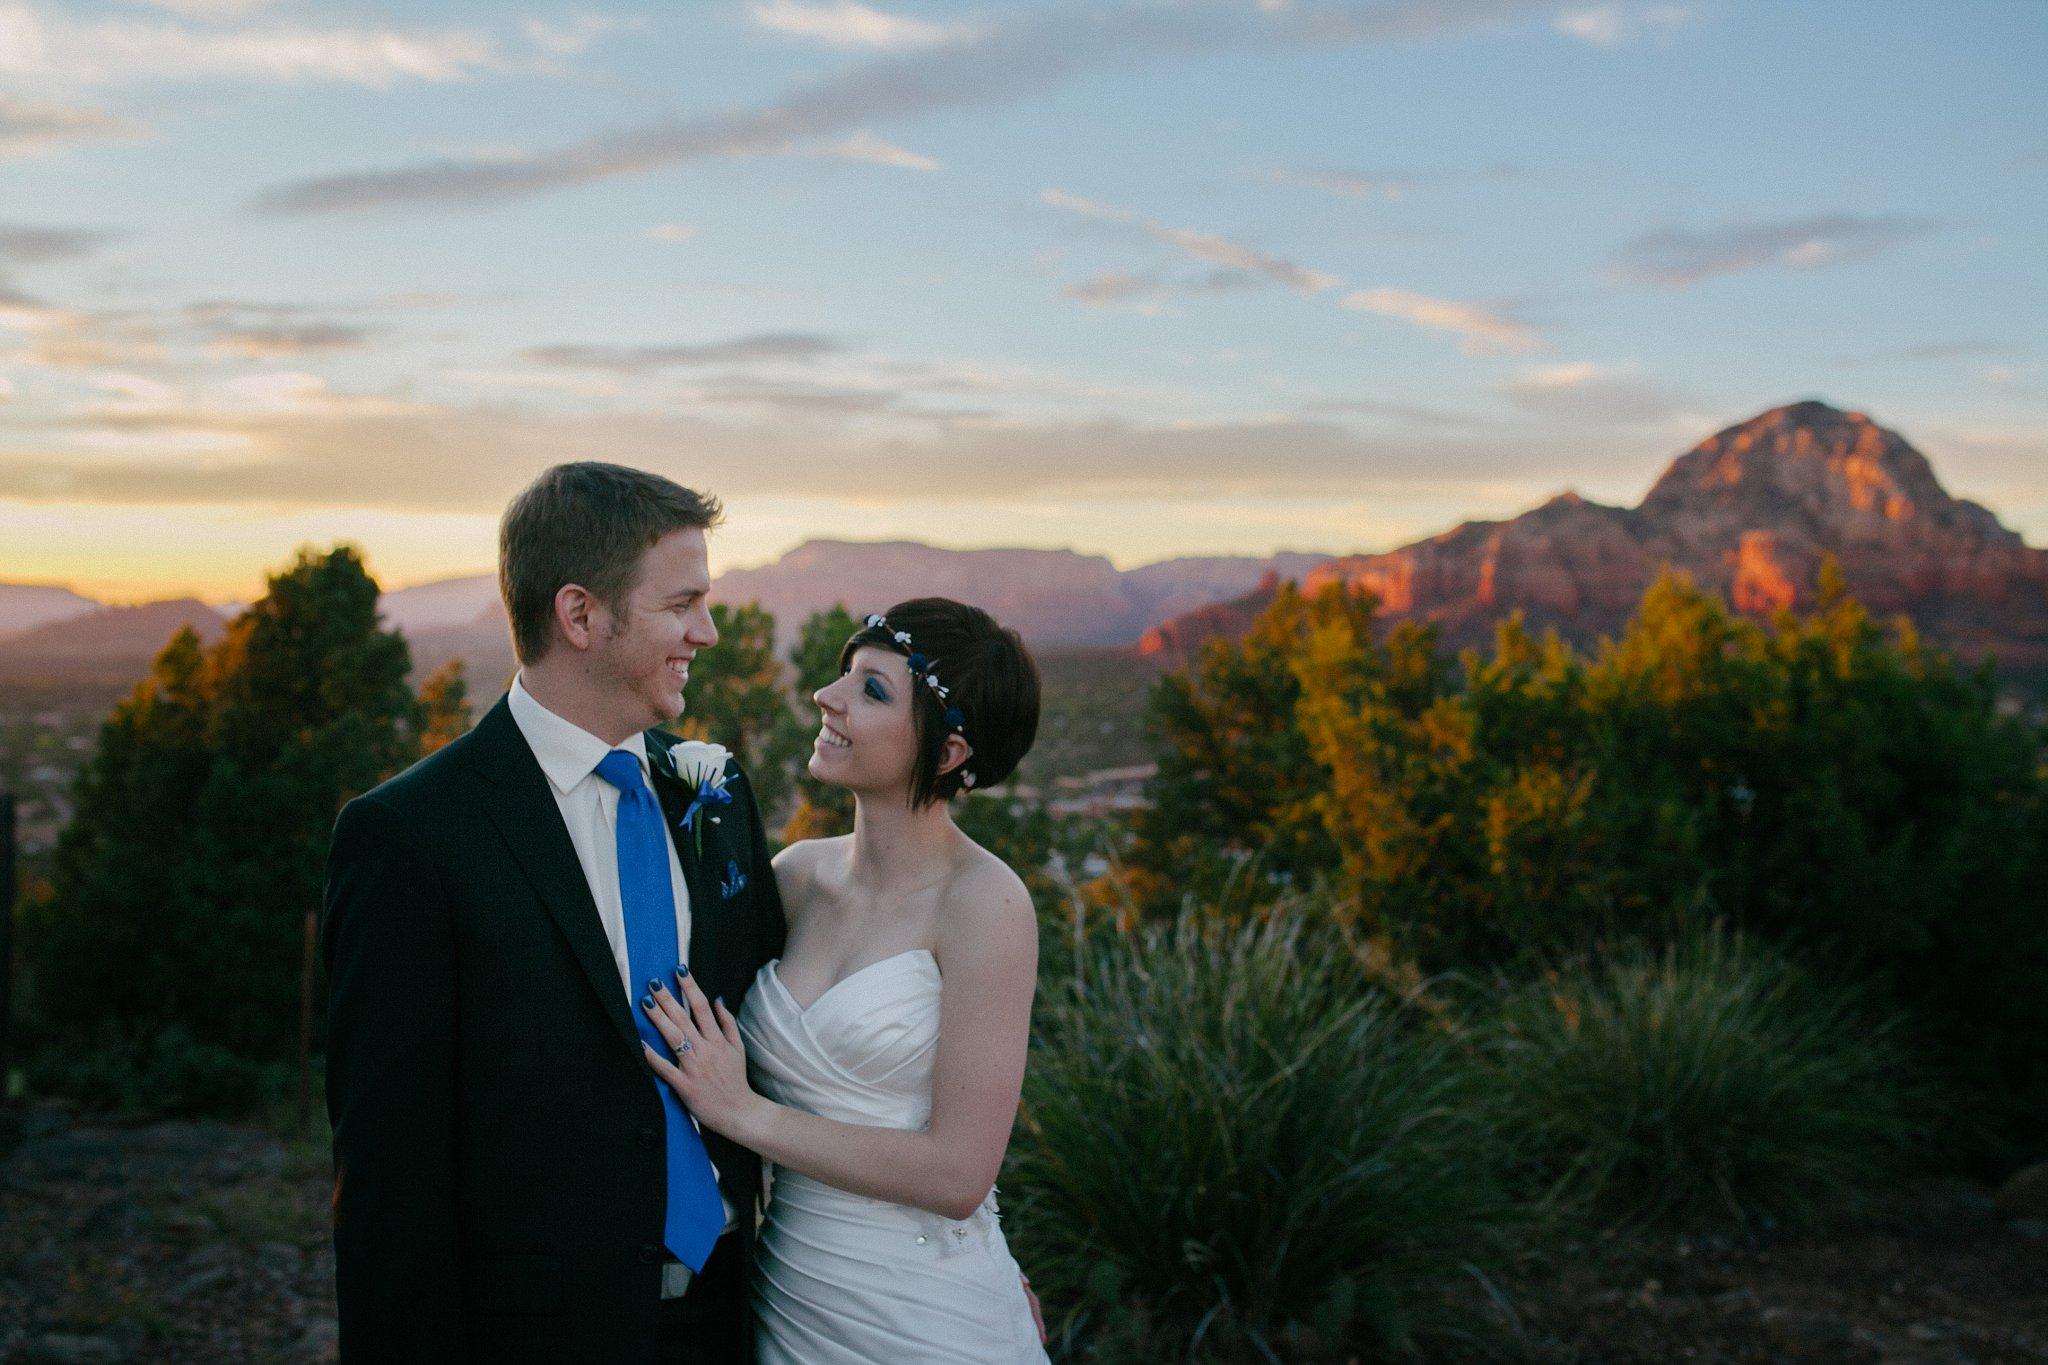 bride & groom at Airport Rd overlook in Sedona